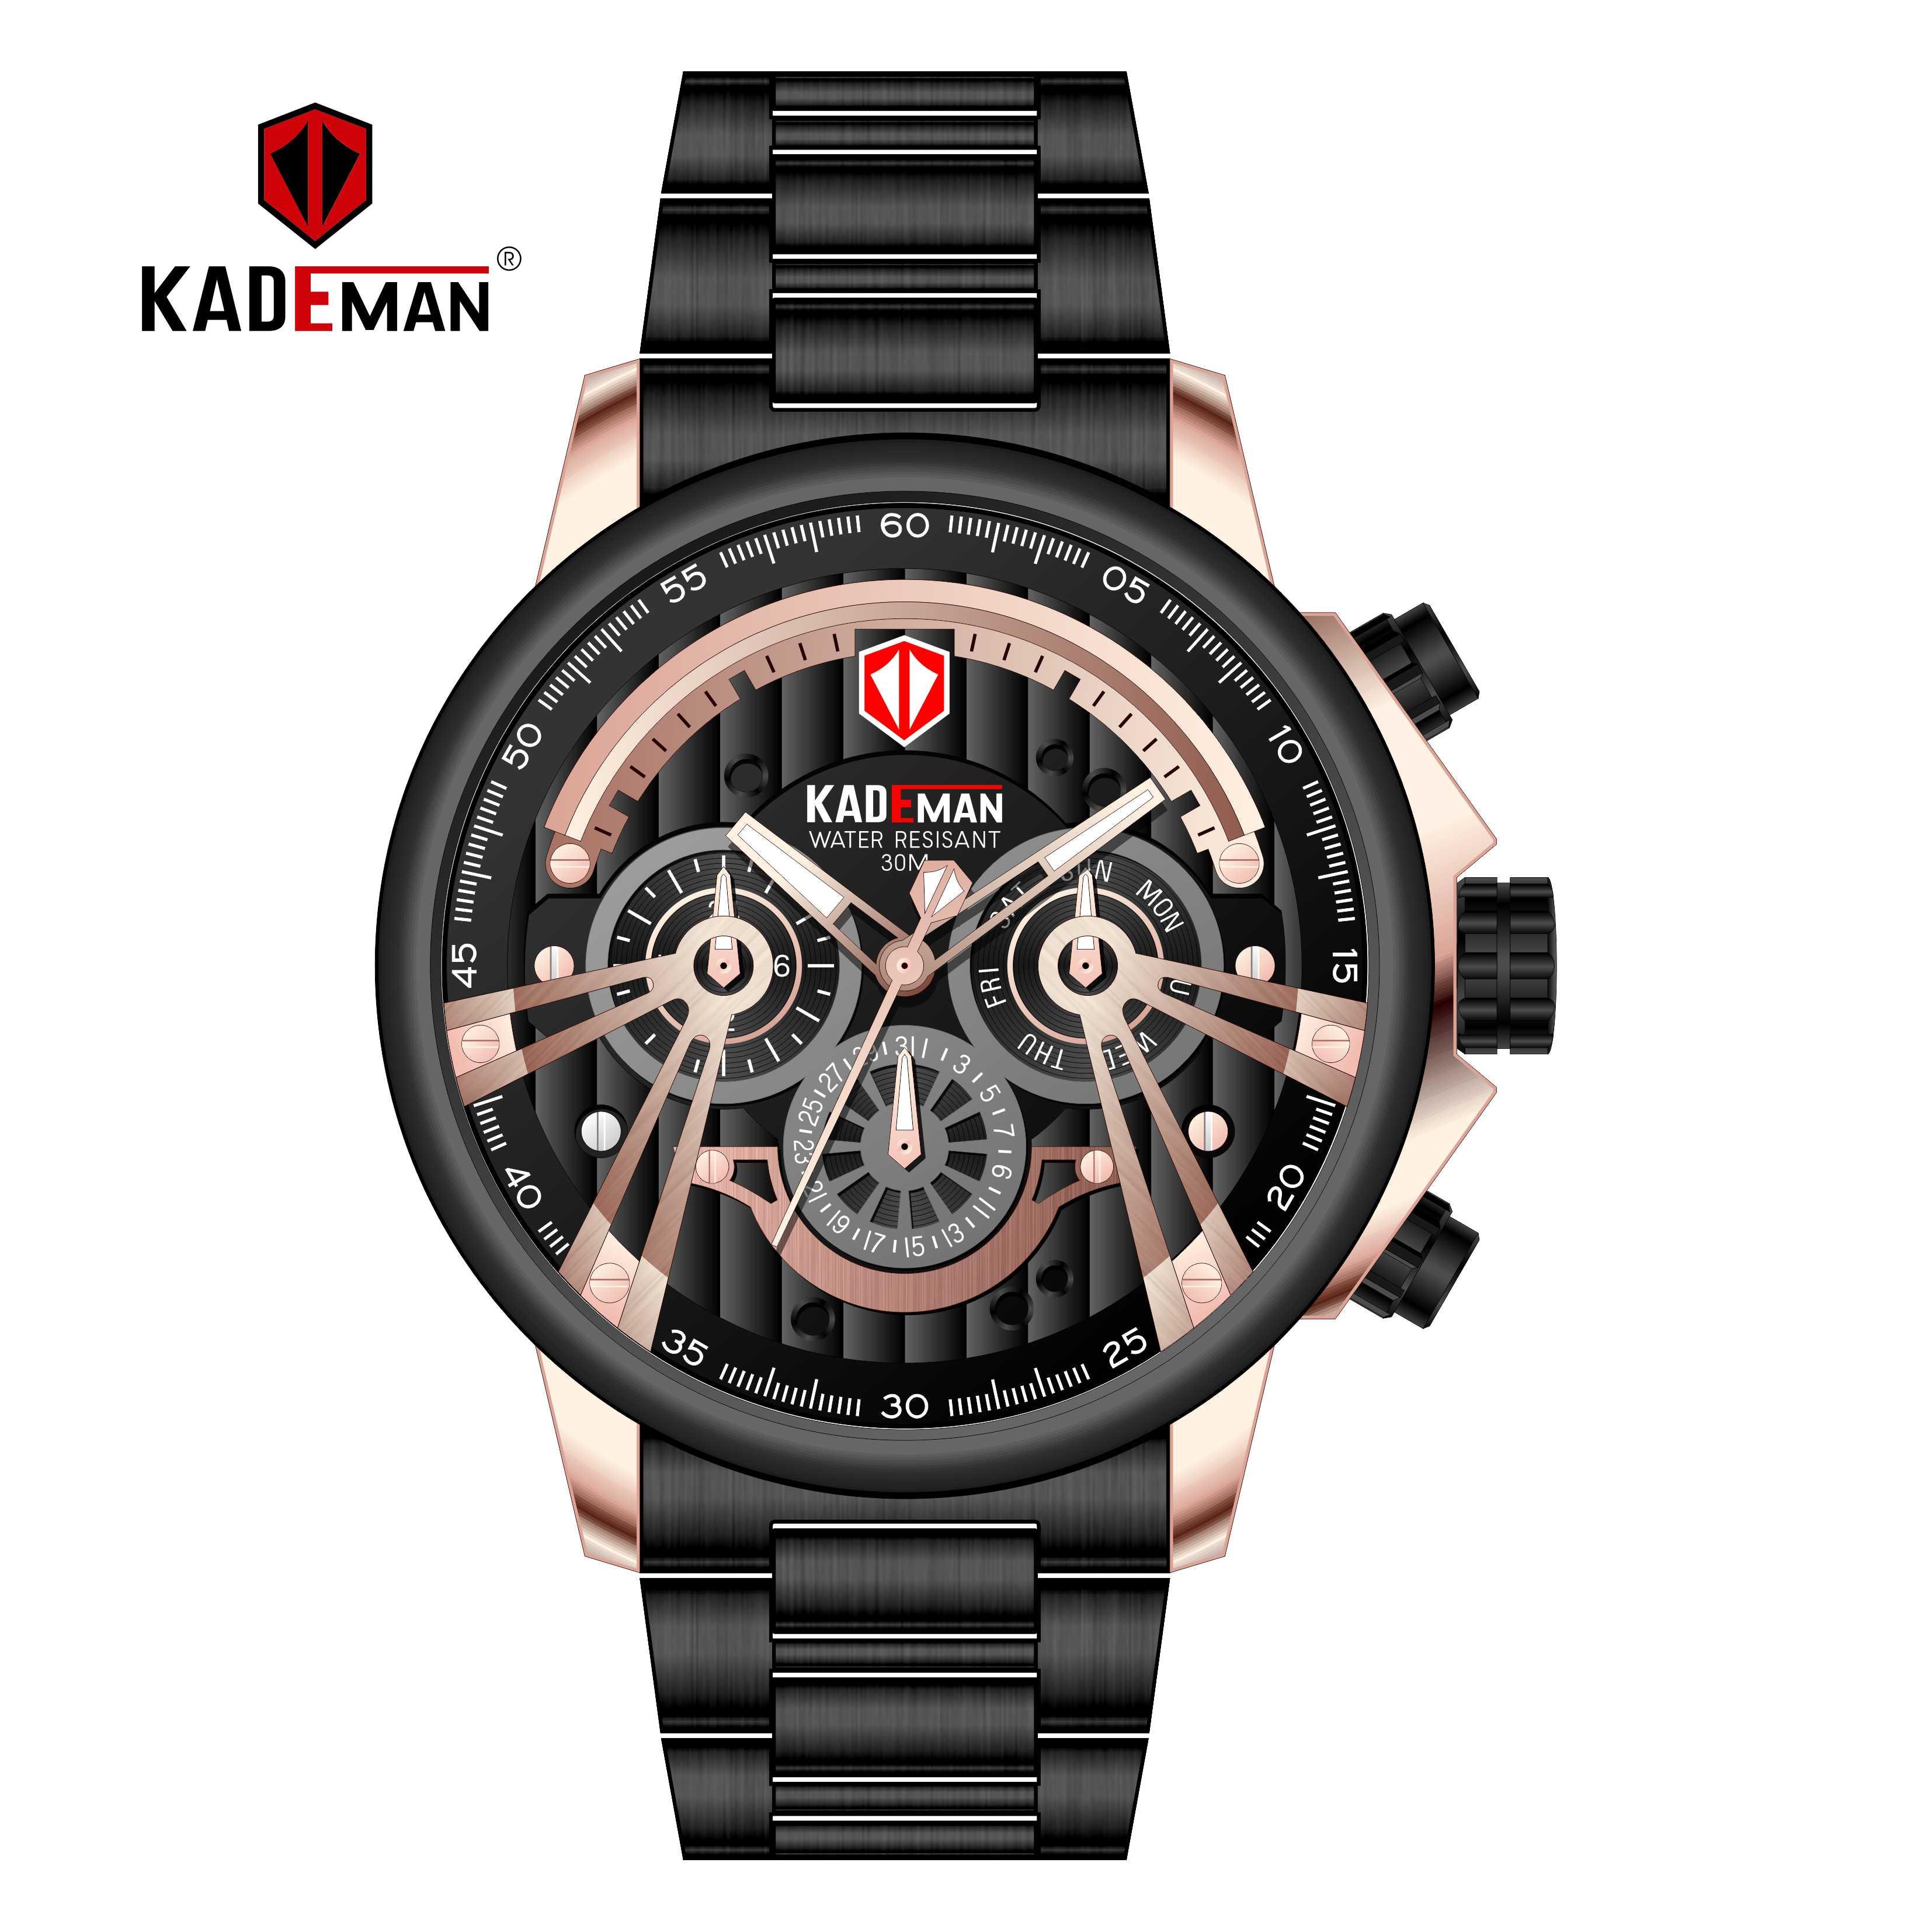 Top Luxury Brand KADEMAN Men's Watch Date Week Display 6 Hands with Function Steel Strap Waterproof Relogio Masculino